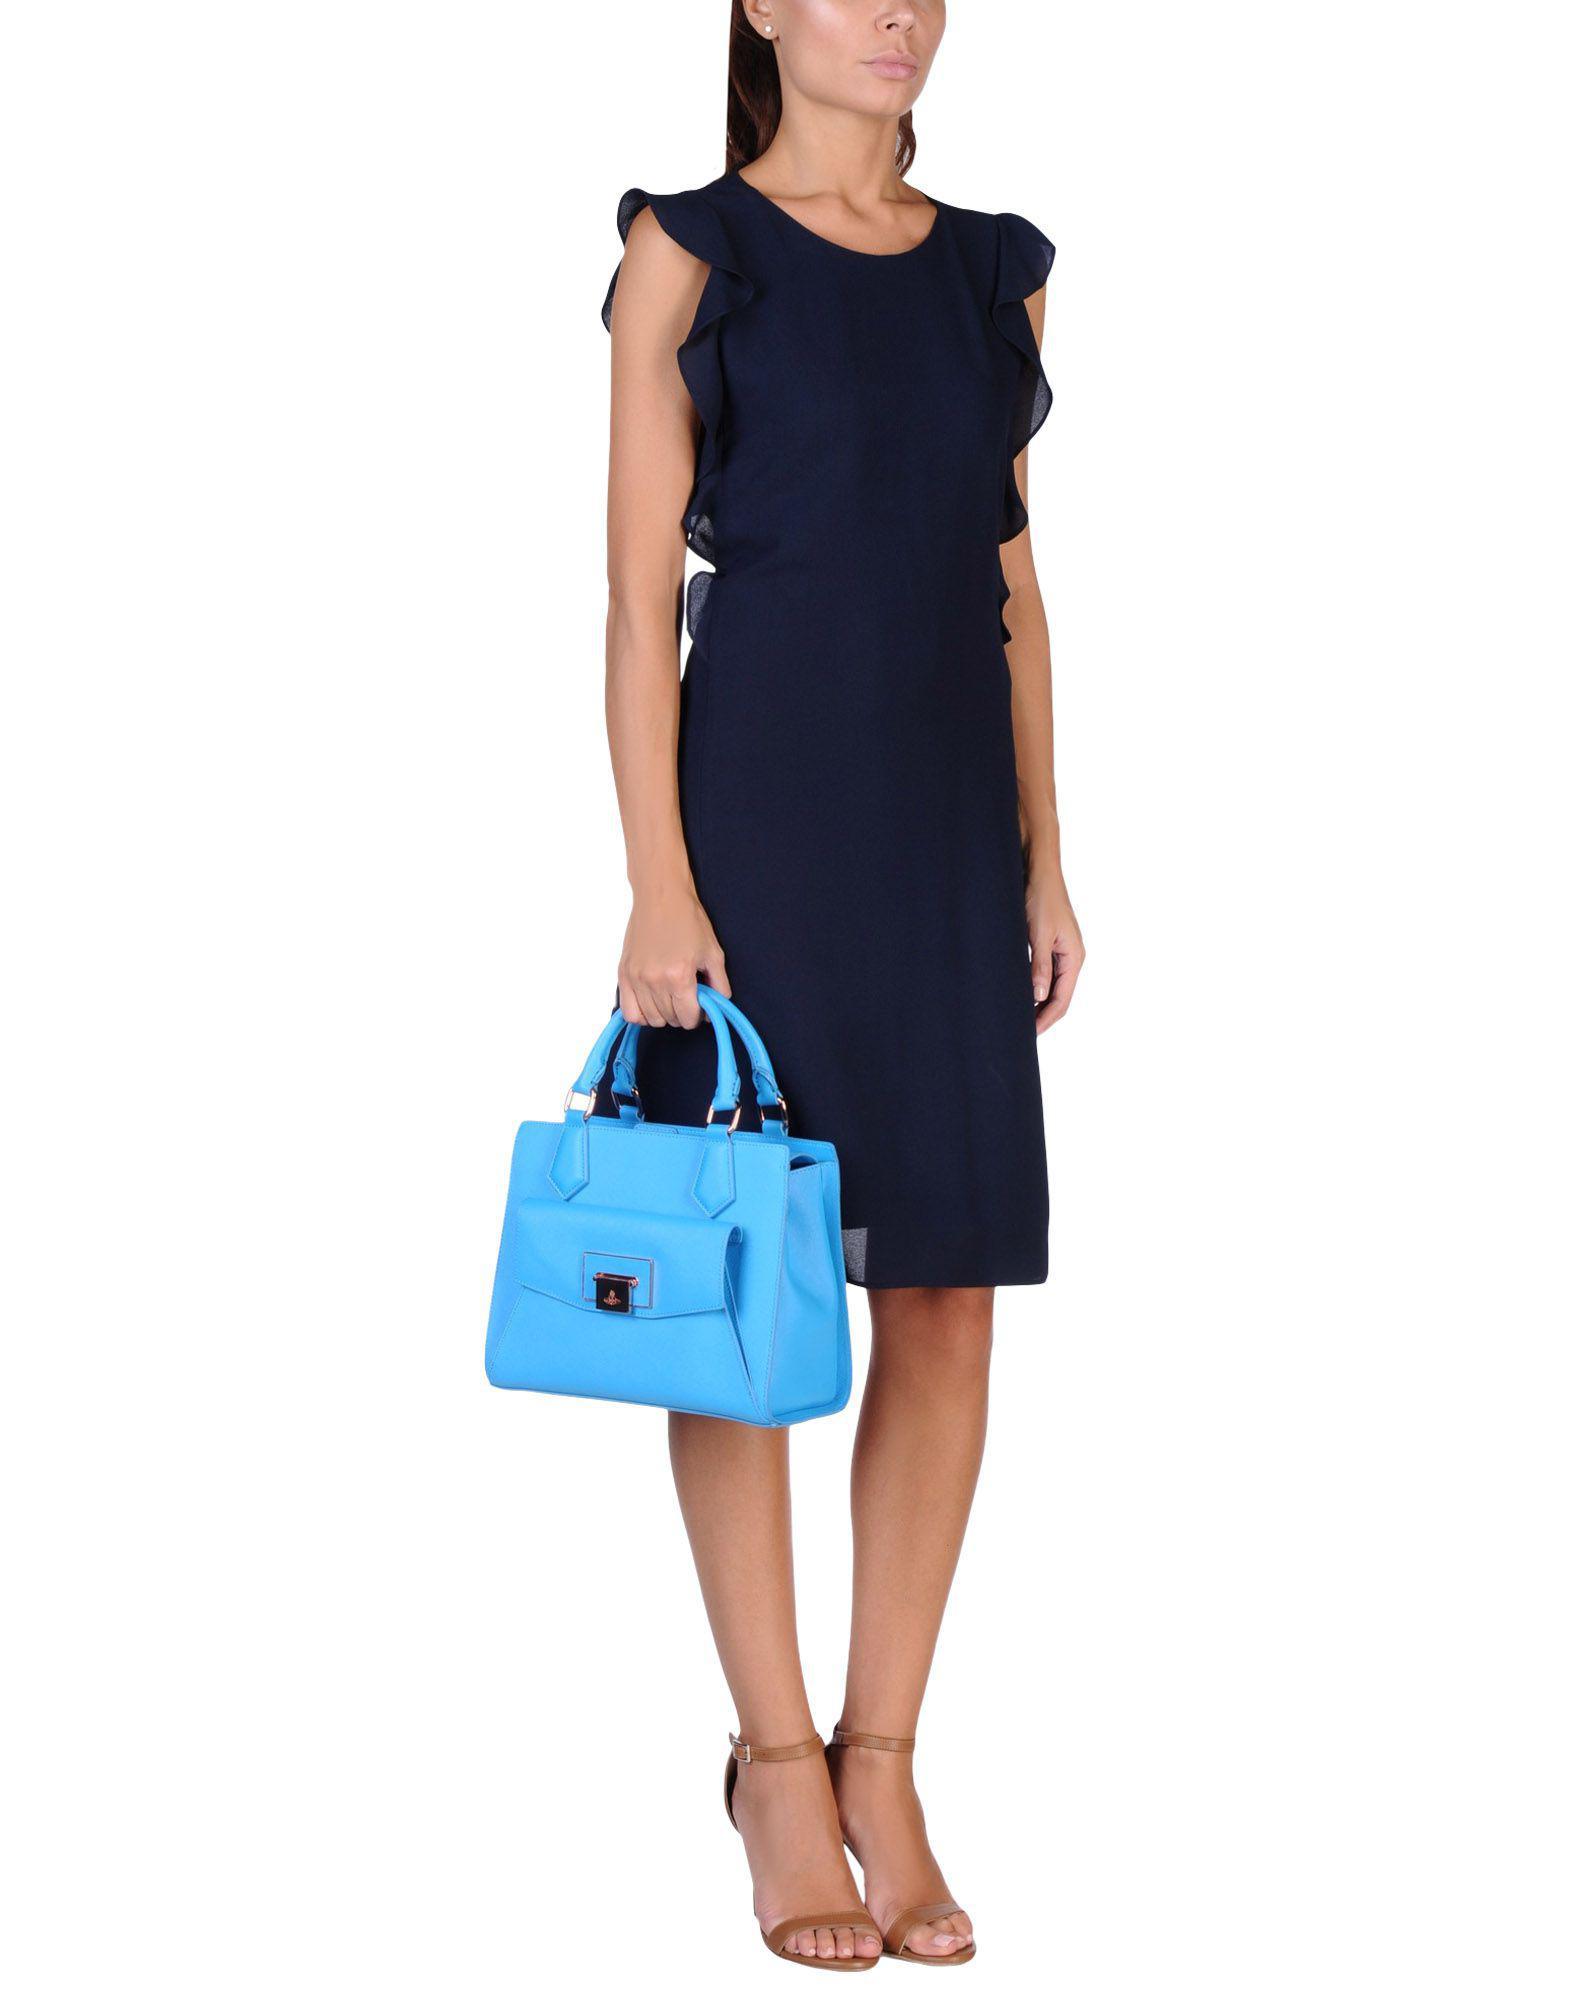 lyst vivienne westwood handbag in blue. Black Bedroom Furniture Sets. Home Design Ideas